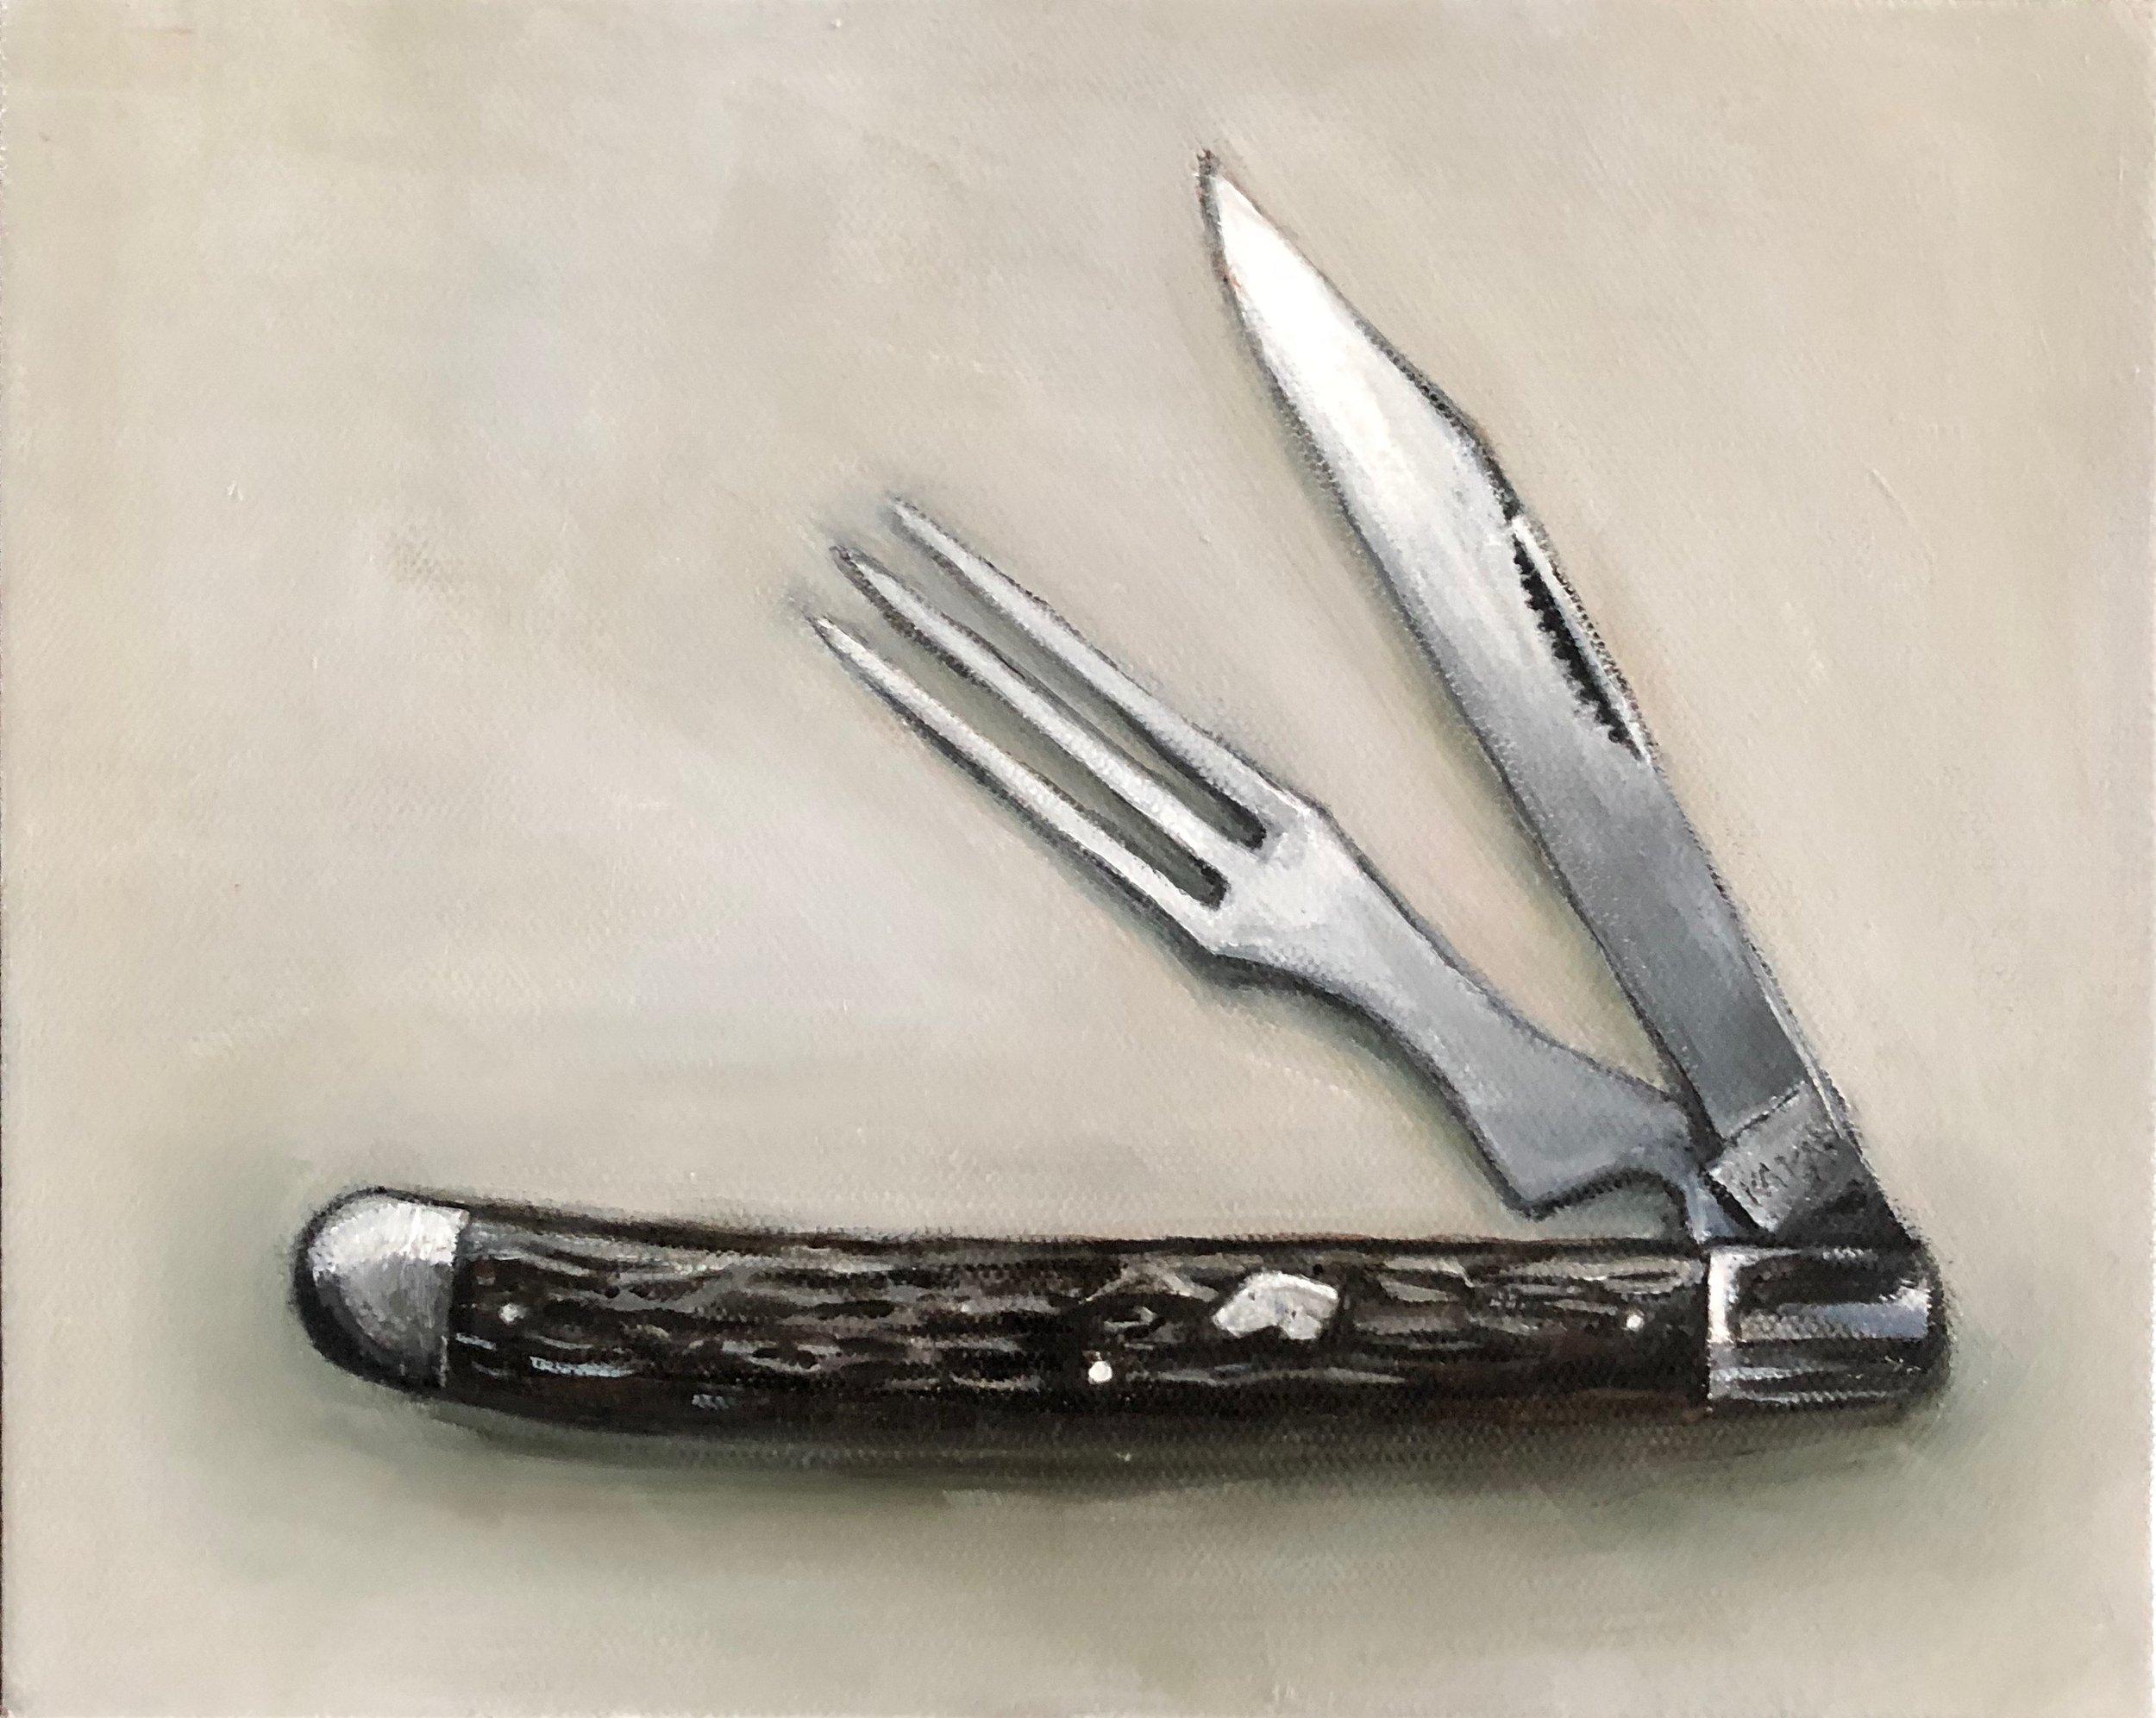 Vintage KA-BAR Knife and Fork